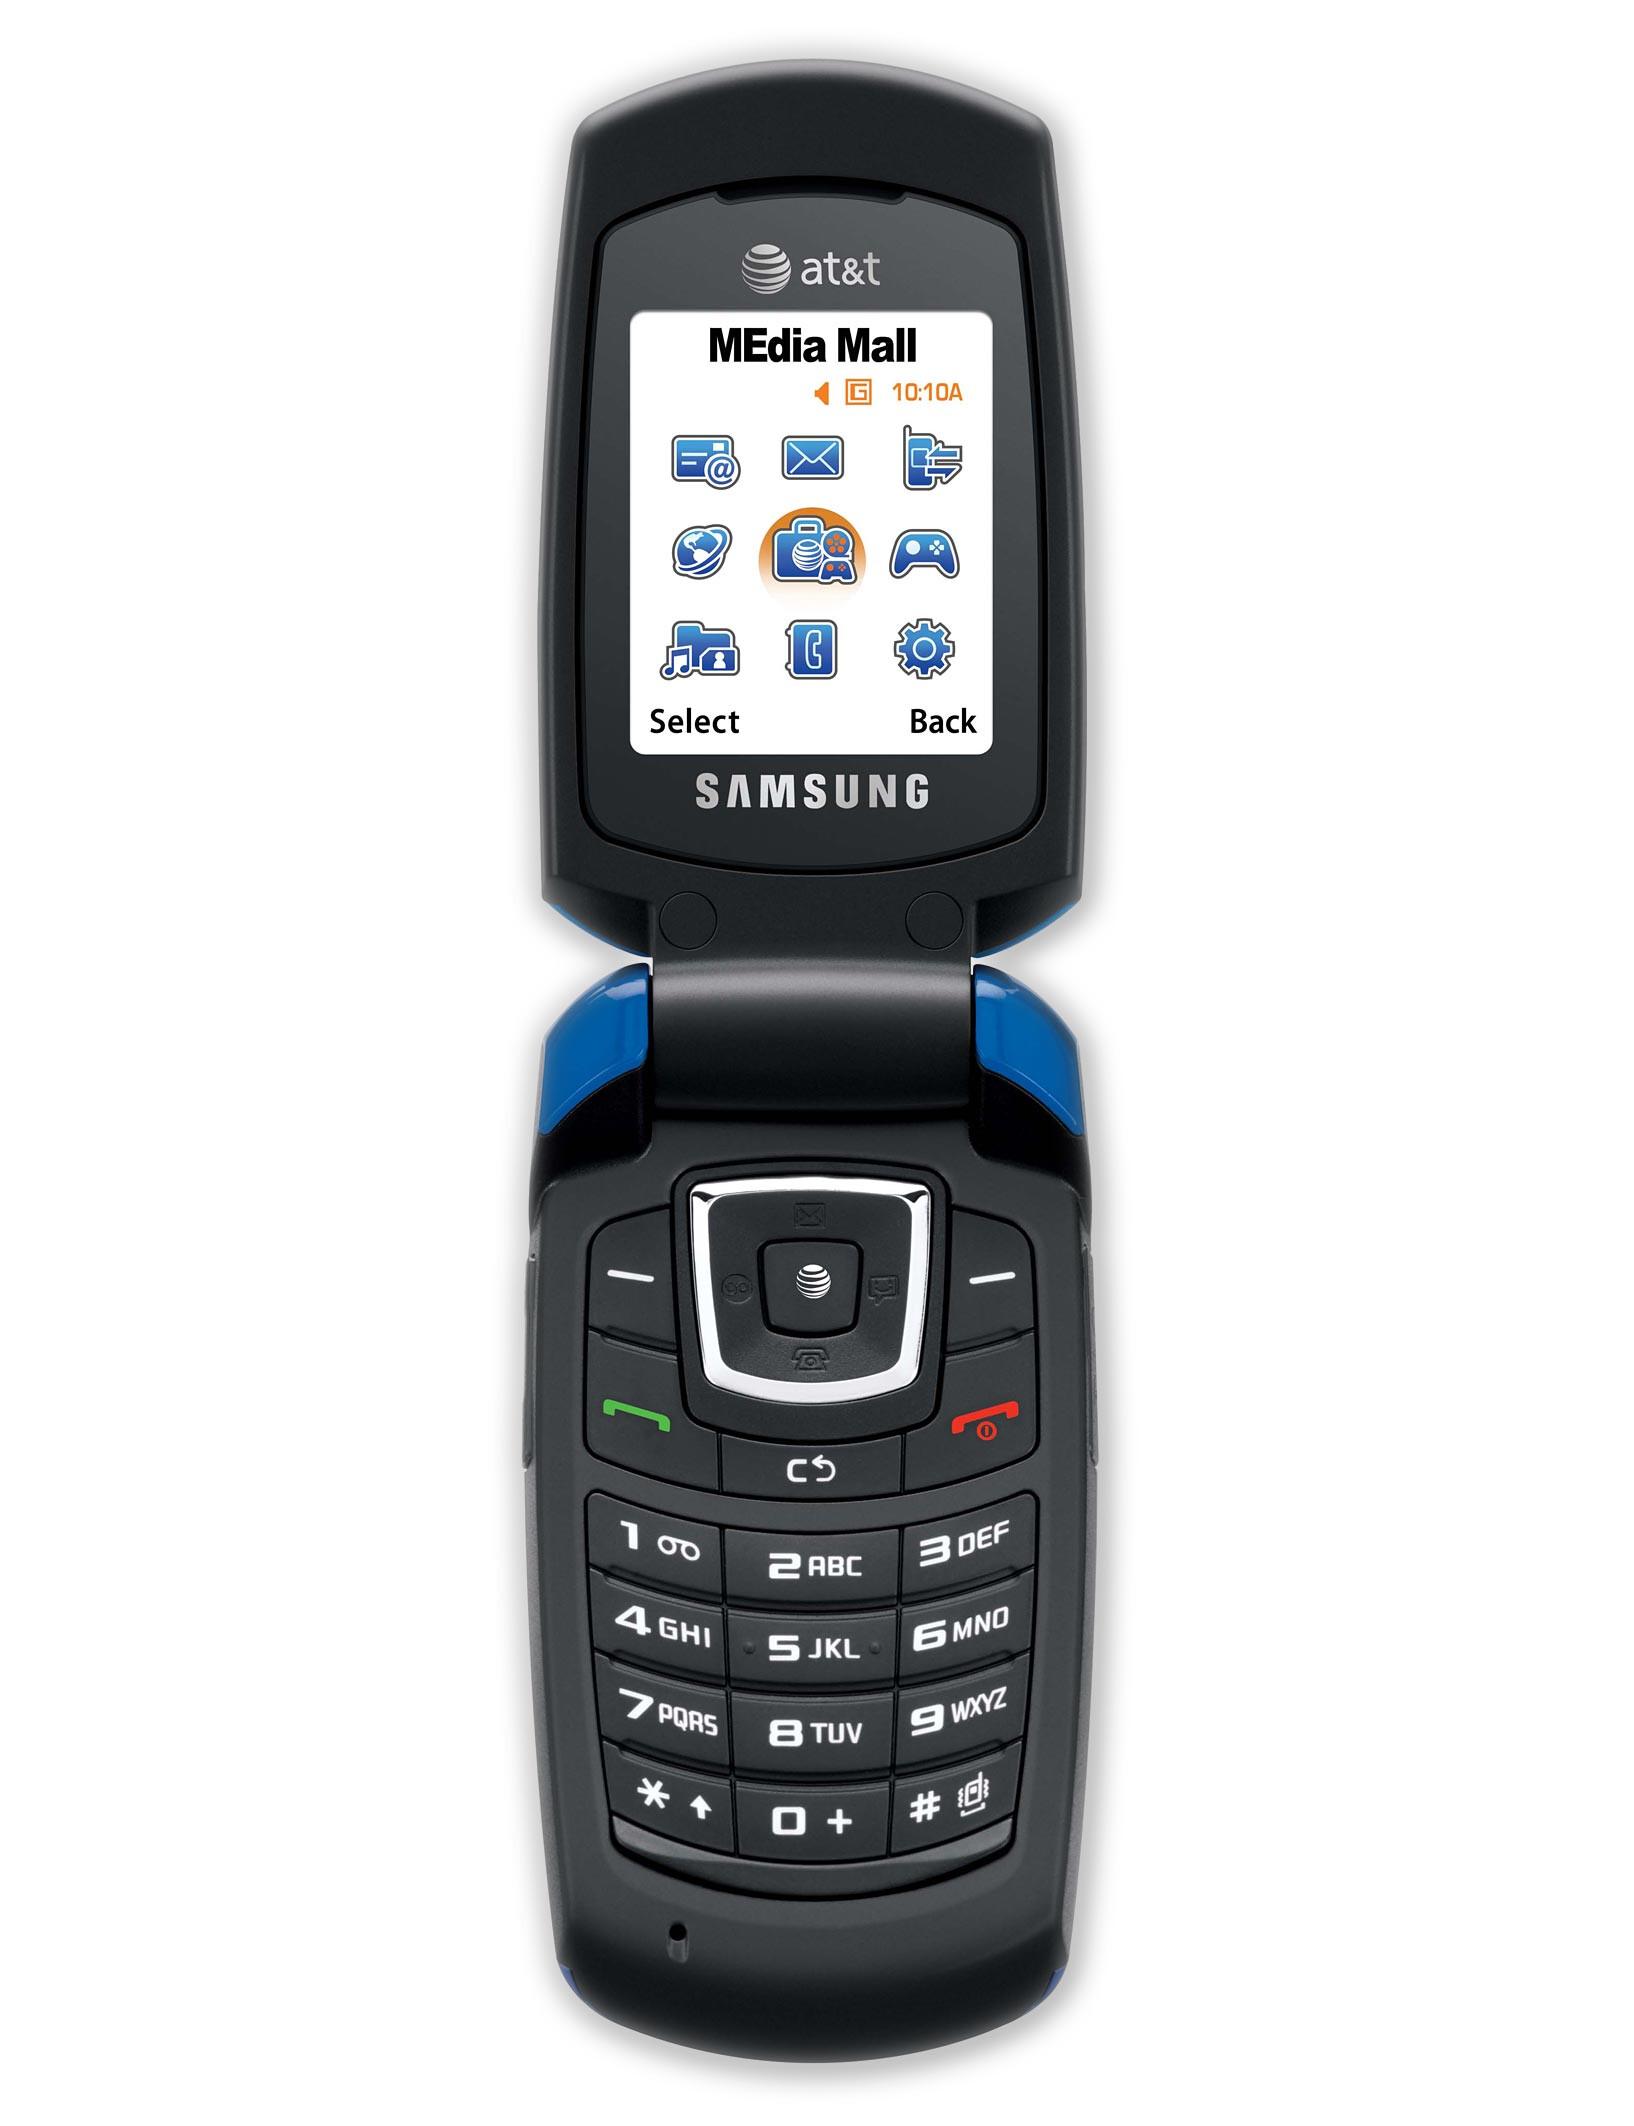 Samsung Sgh A167 Specs